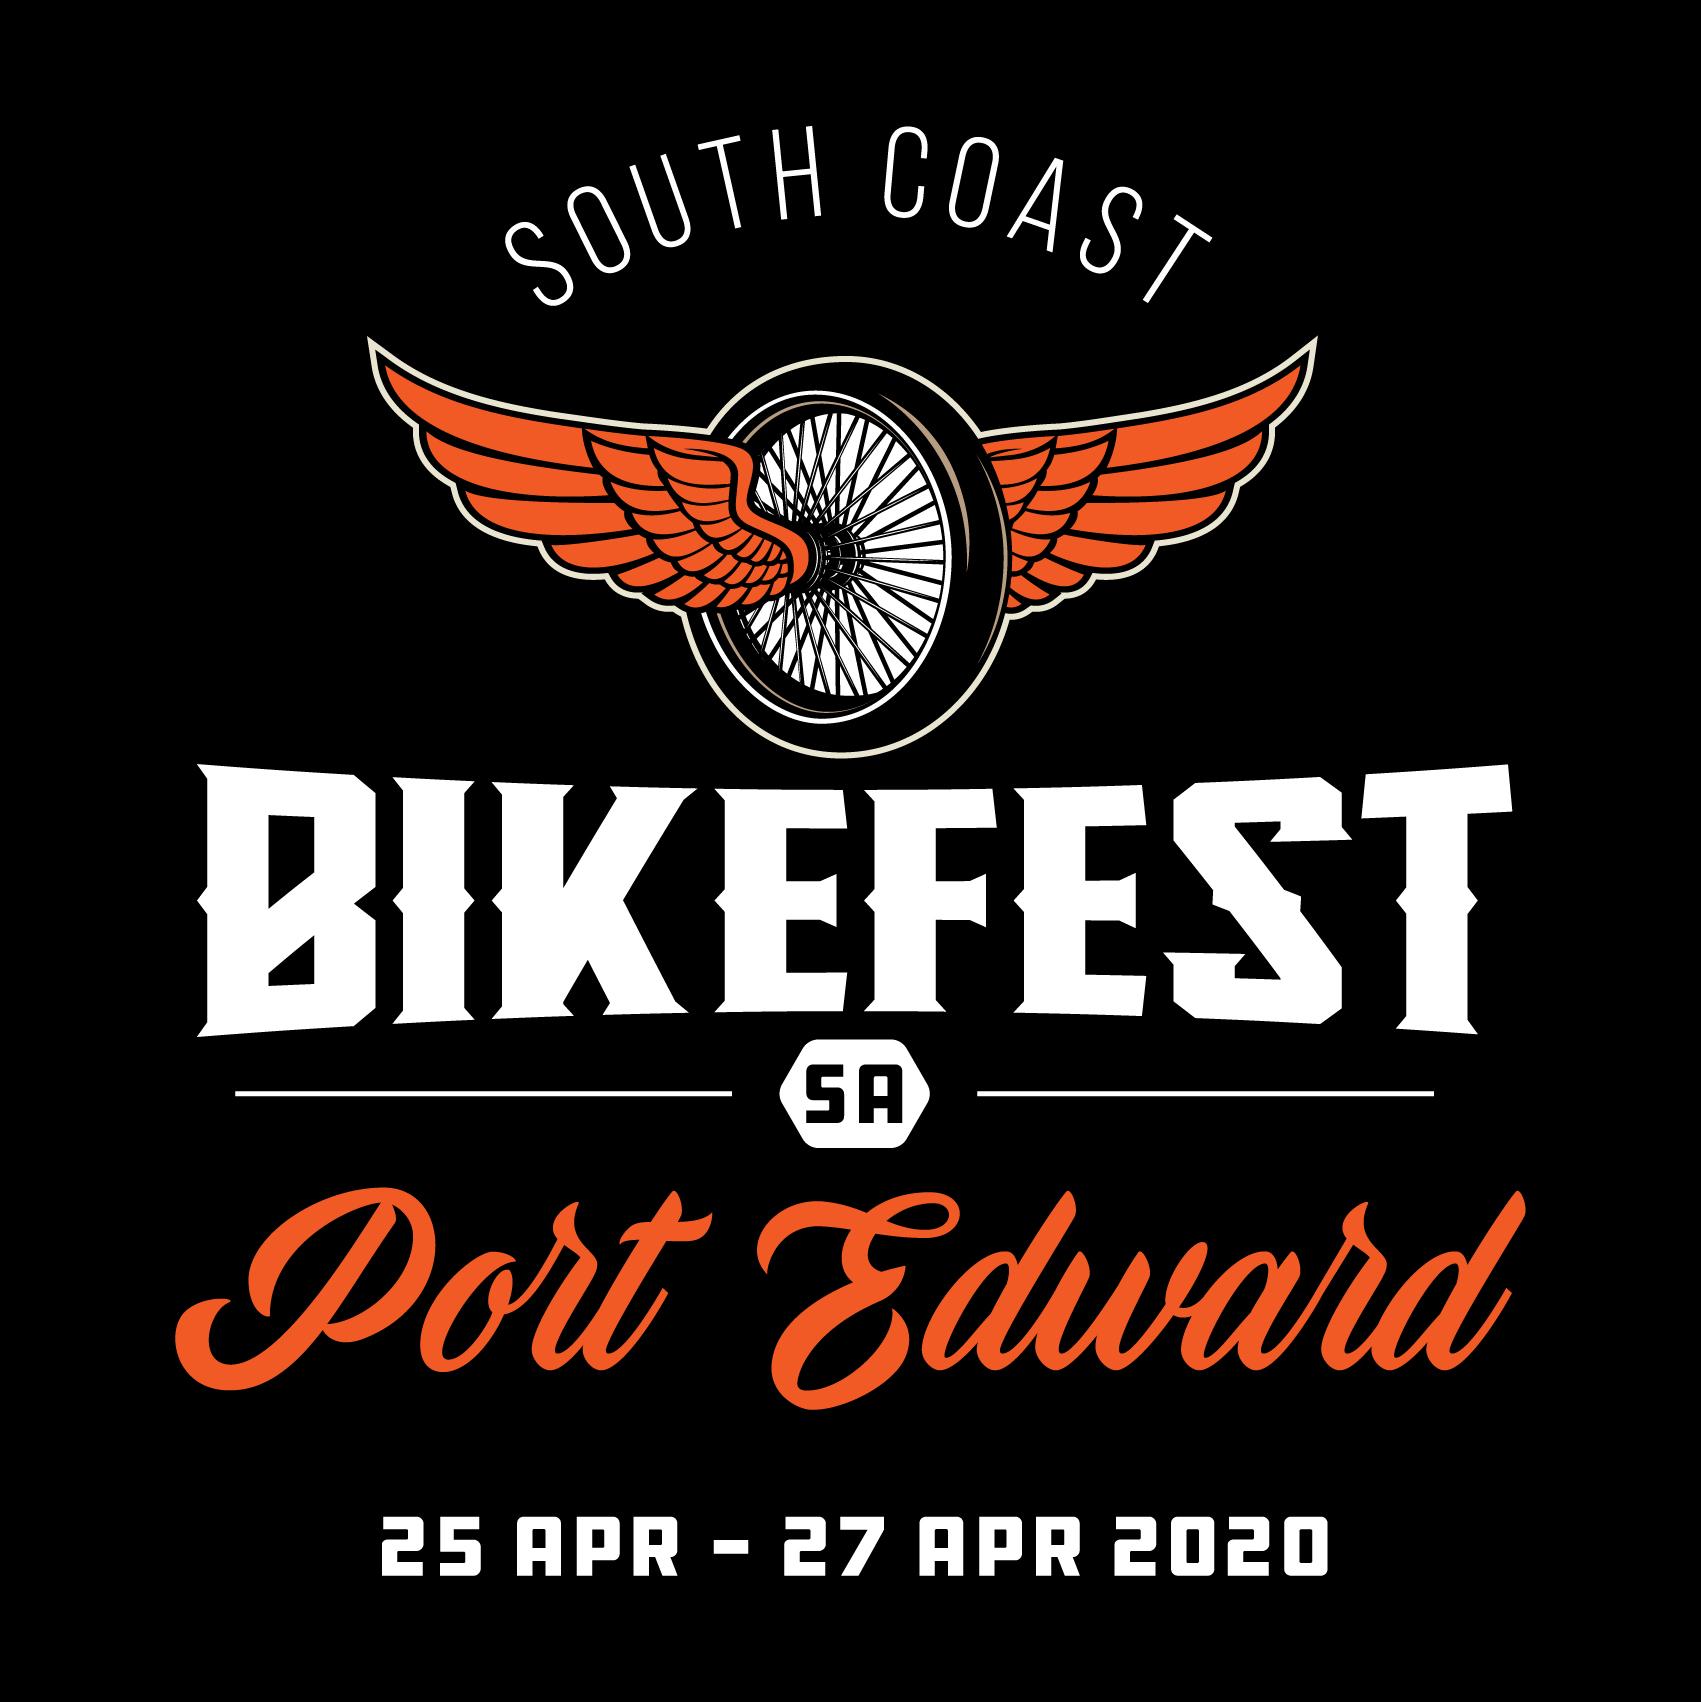 Bikes fest 2020 Holidays4u